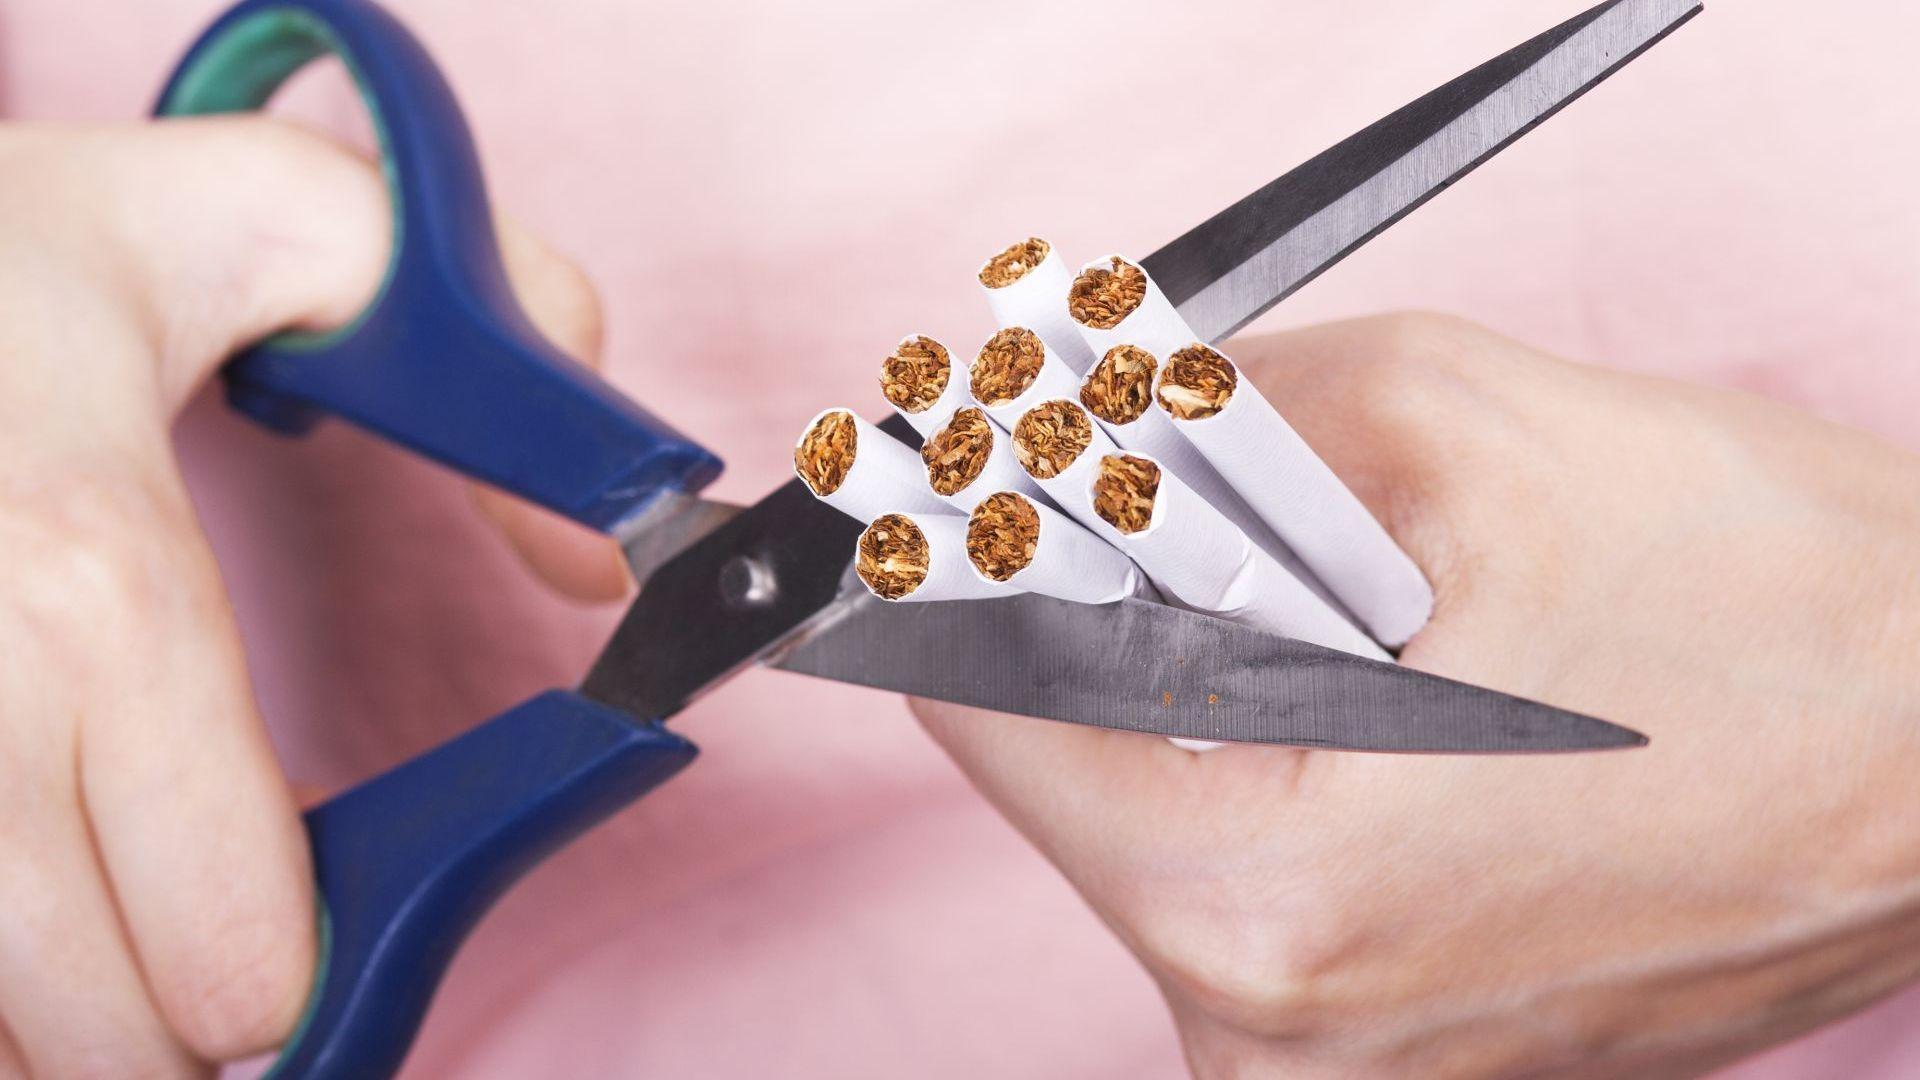 Спирането на цигарите намалява риска от белодробни заболявания